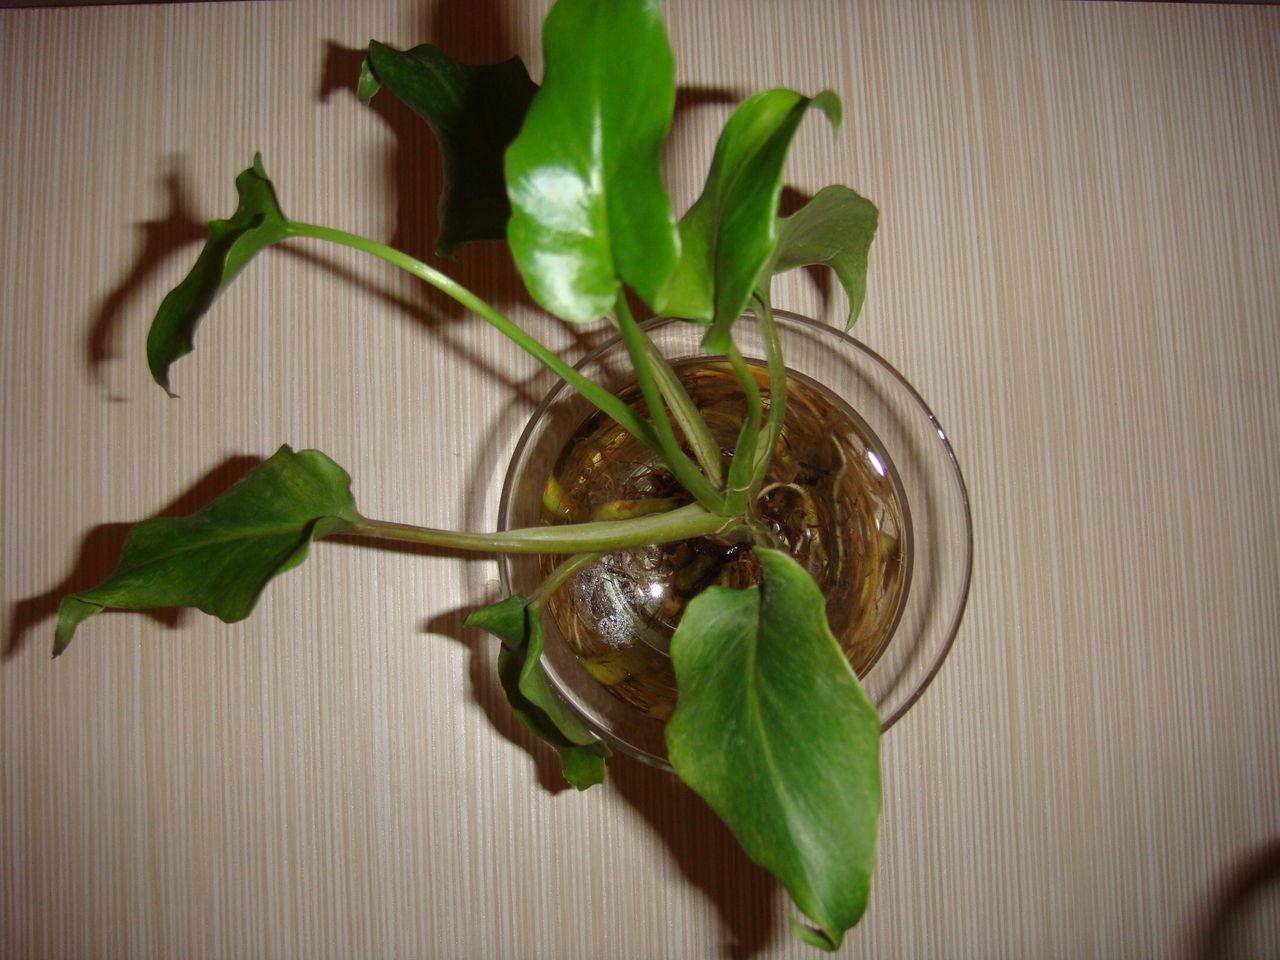 水养植物有哪些比较好养的